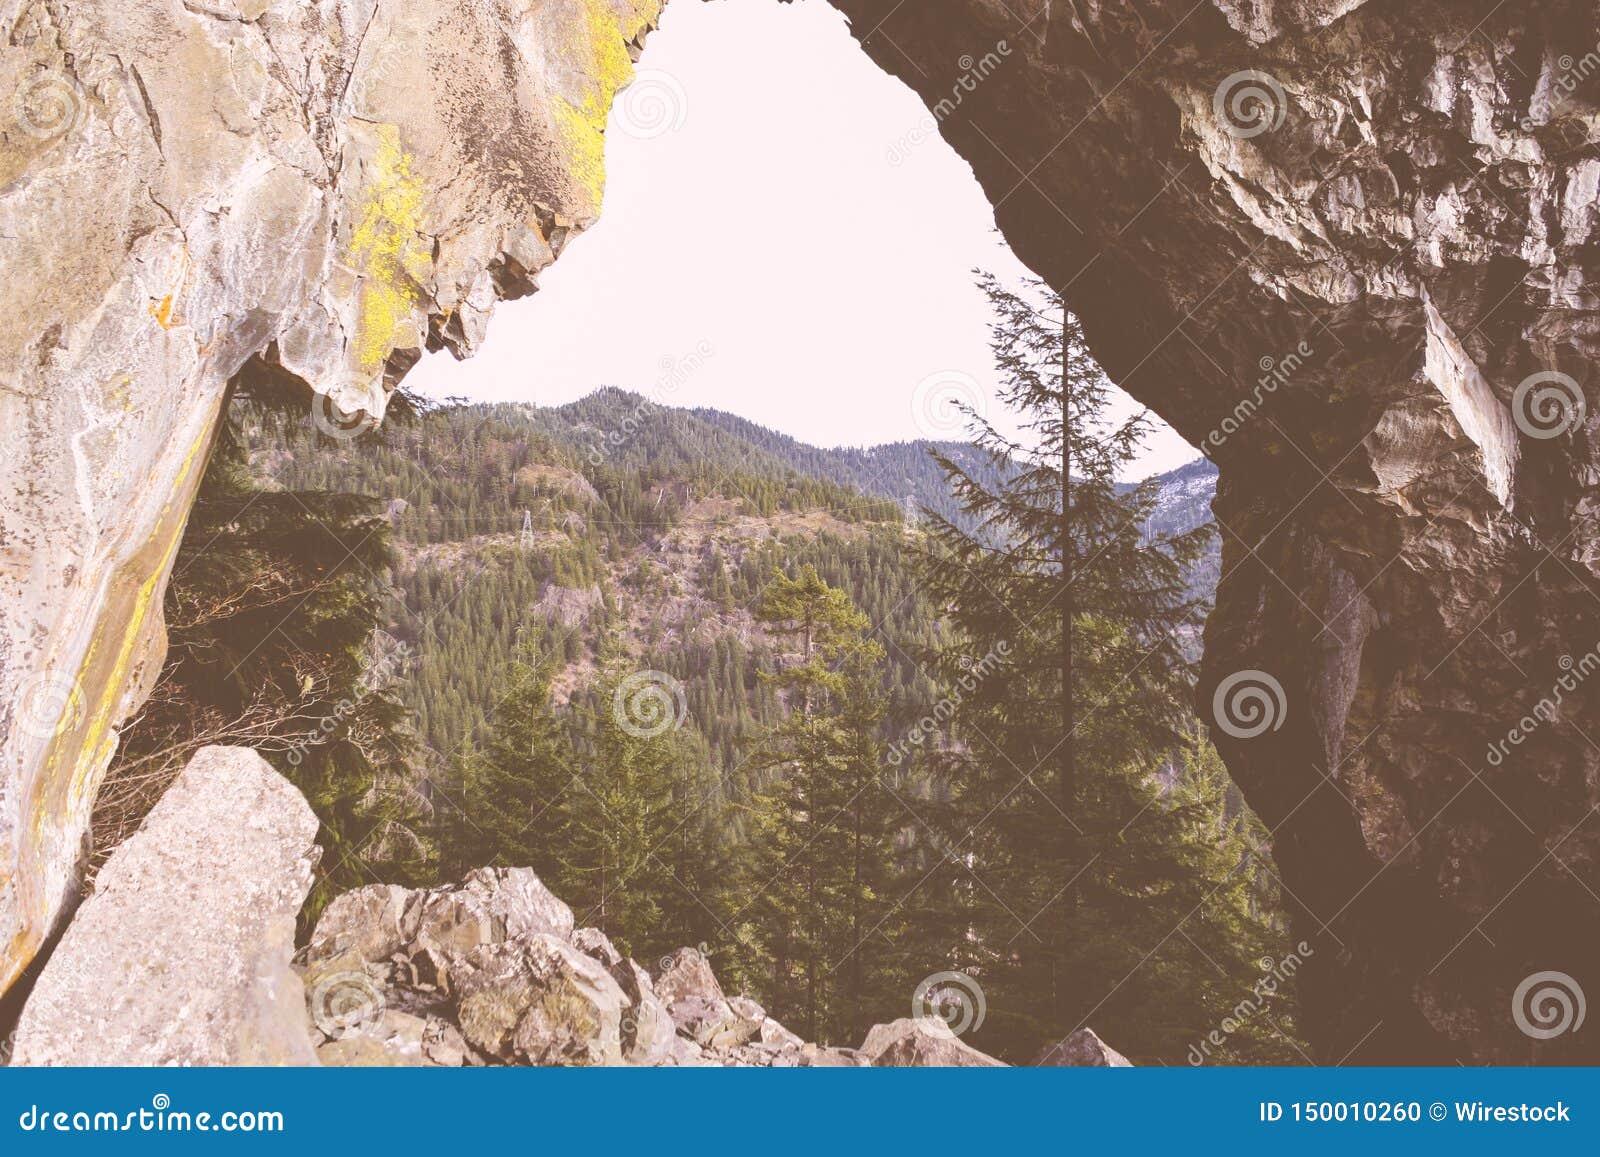 Tiro bonito de montanhas rochosas altas e de uma floresta